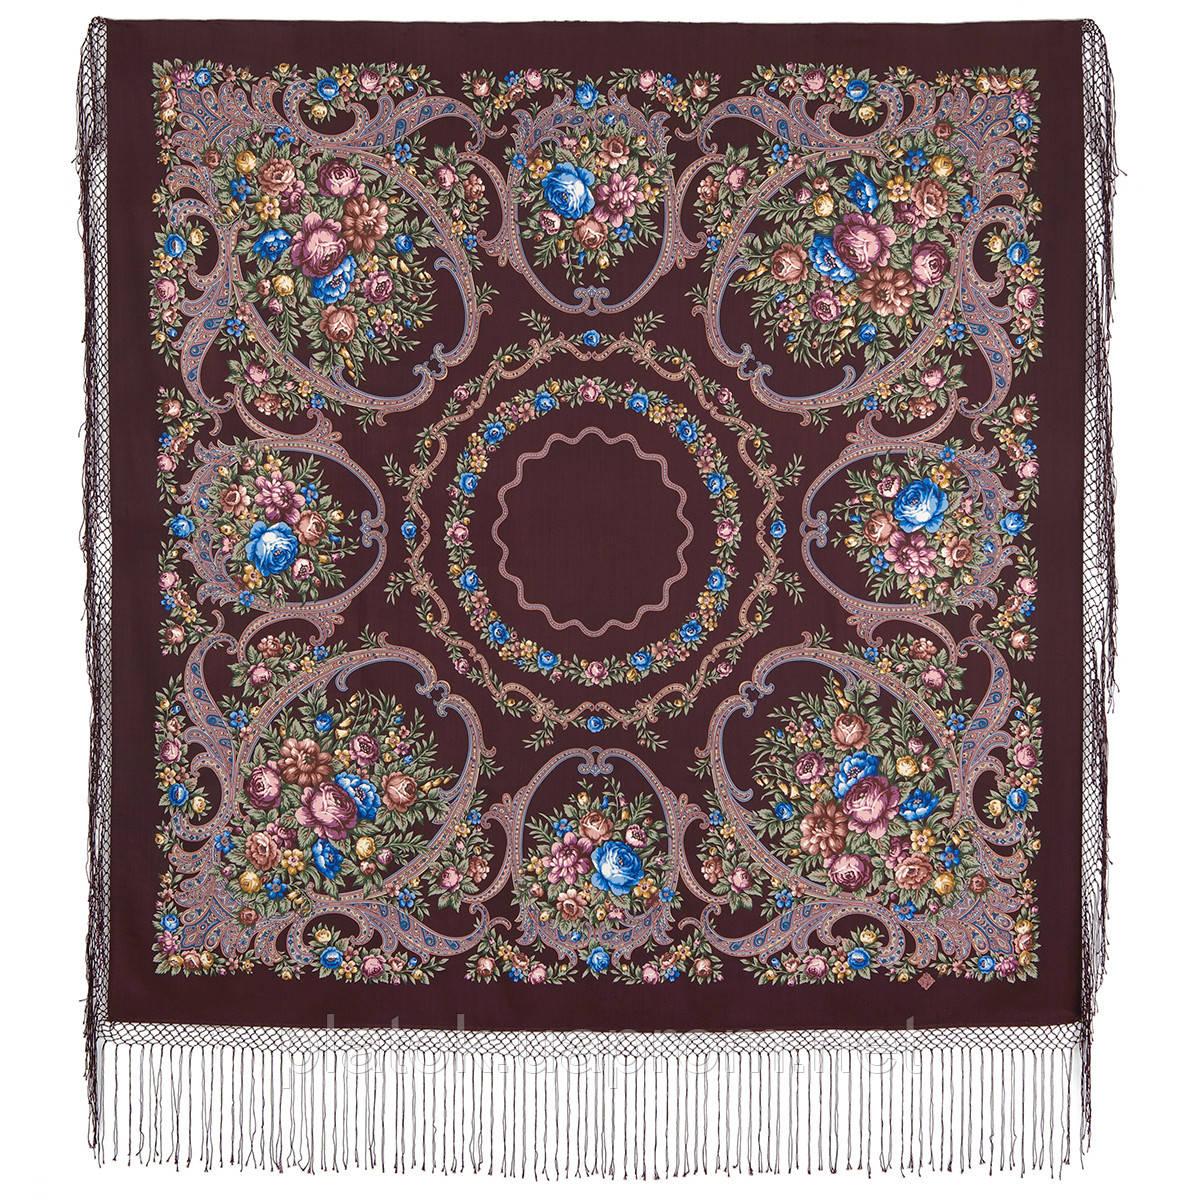 Русские сезоны 948-16, павлопосадский платок (шаль) из уплотненной шерсти с шелковой вязанной бахромой